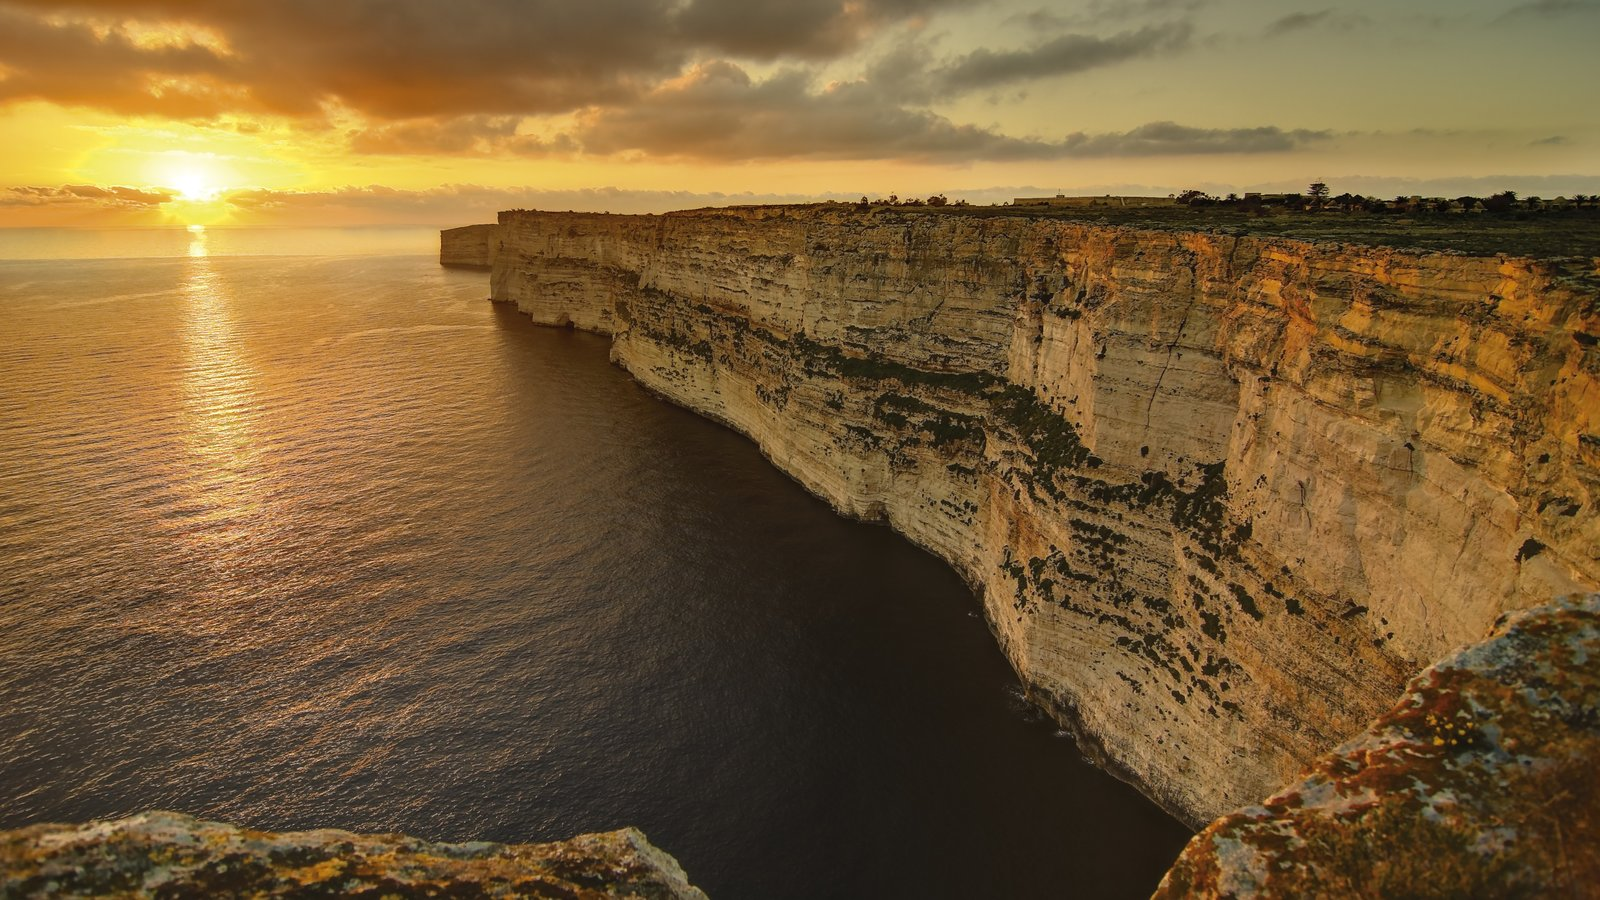 Gozo mostrando una puesta de sol, costa escarpada y vistas de paisajes